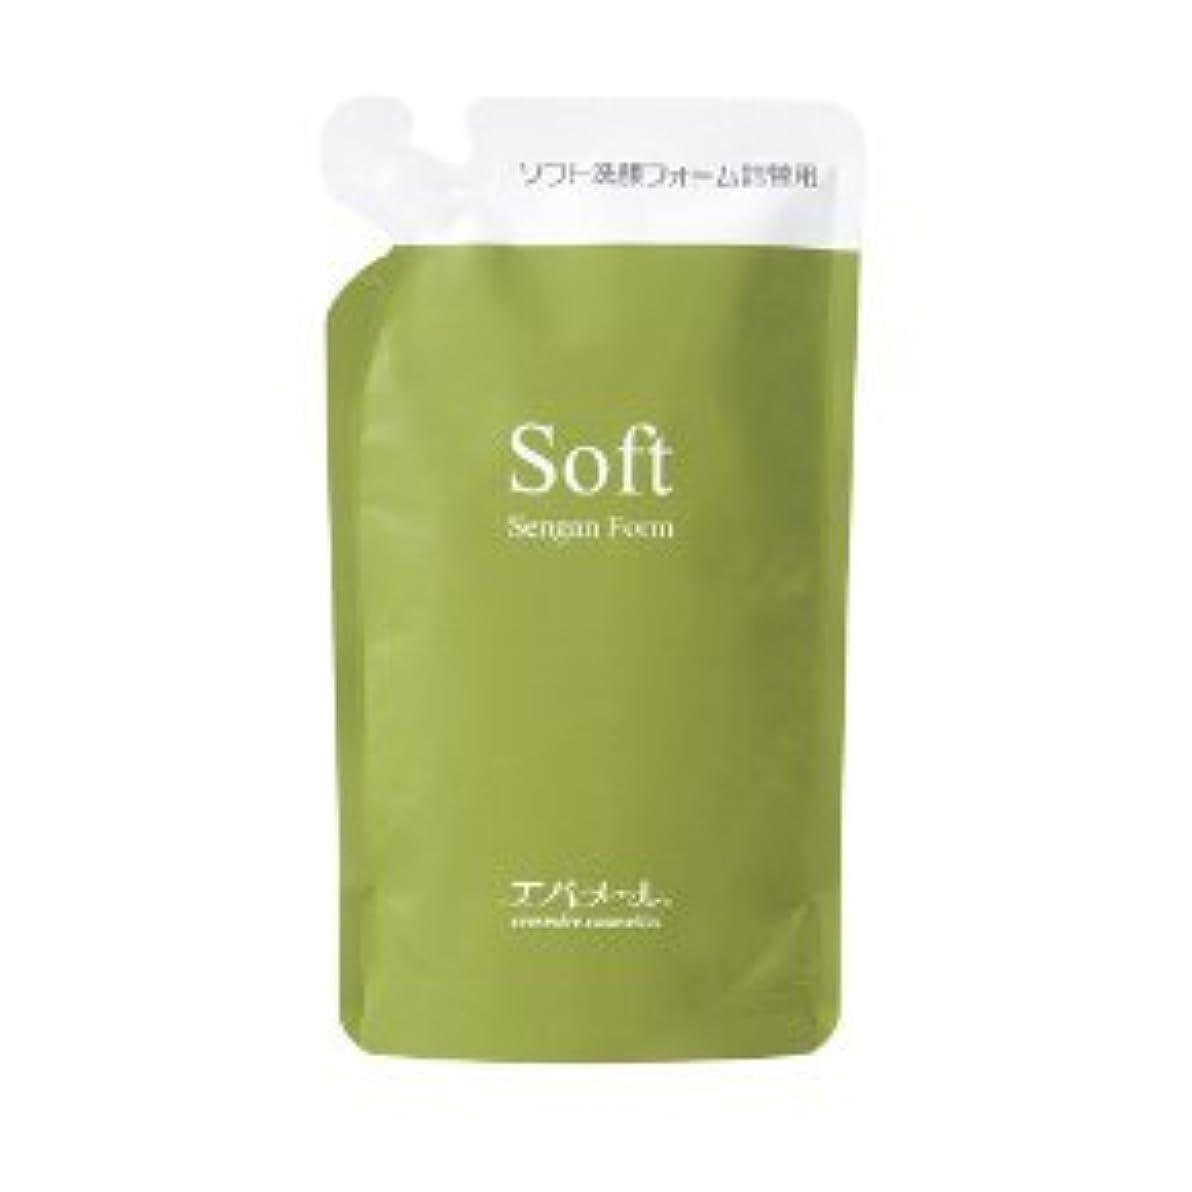 活気づく治世コーラスエバメール ソフト洗顔フォーム 200ml レフィル